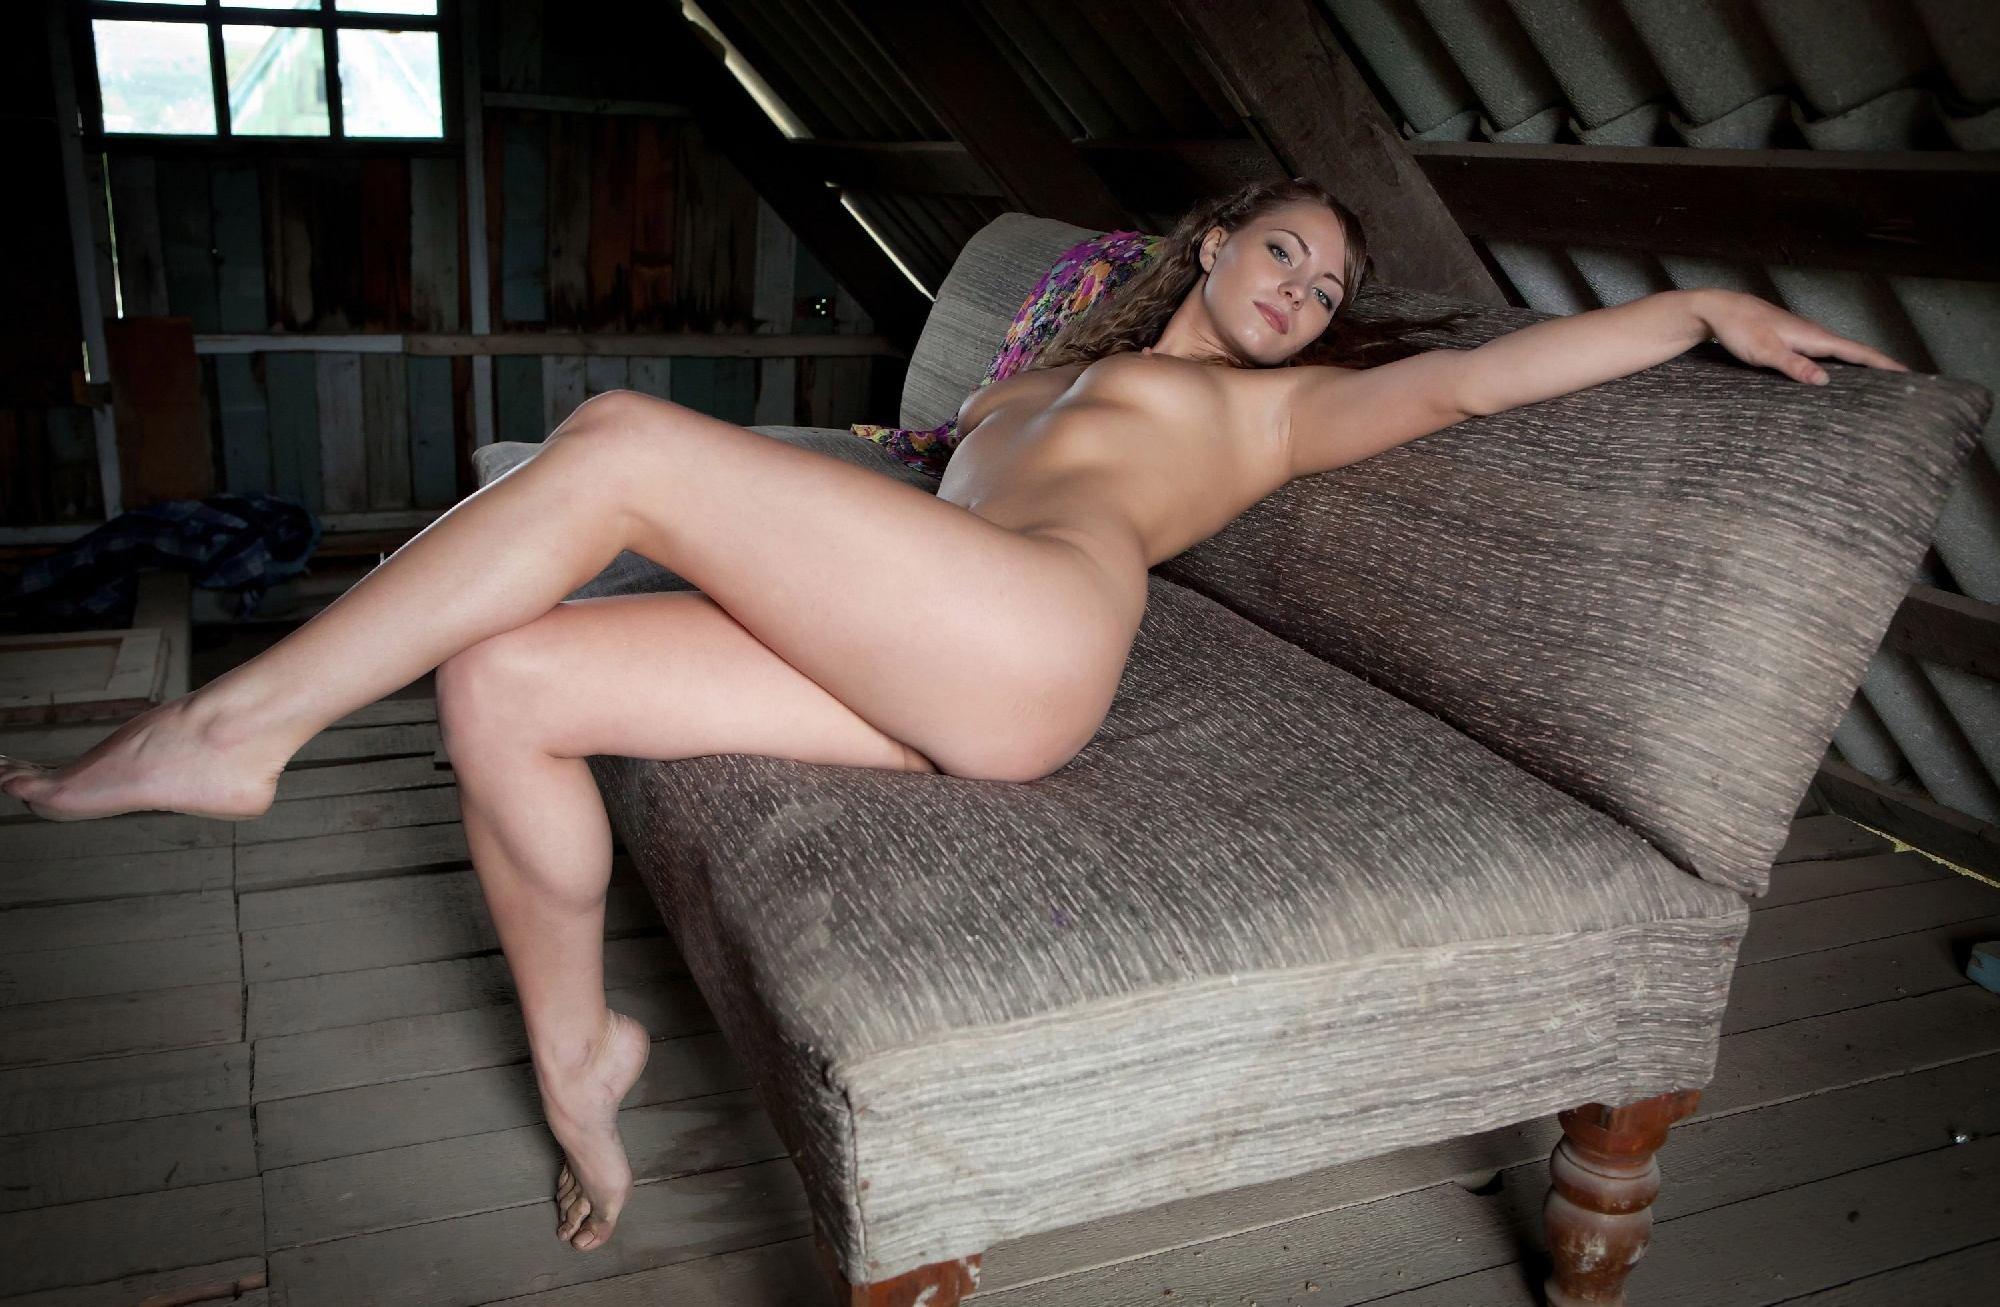 Attic nude #8